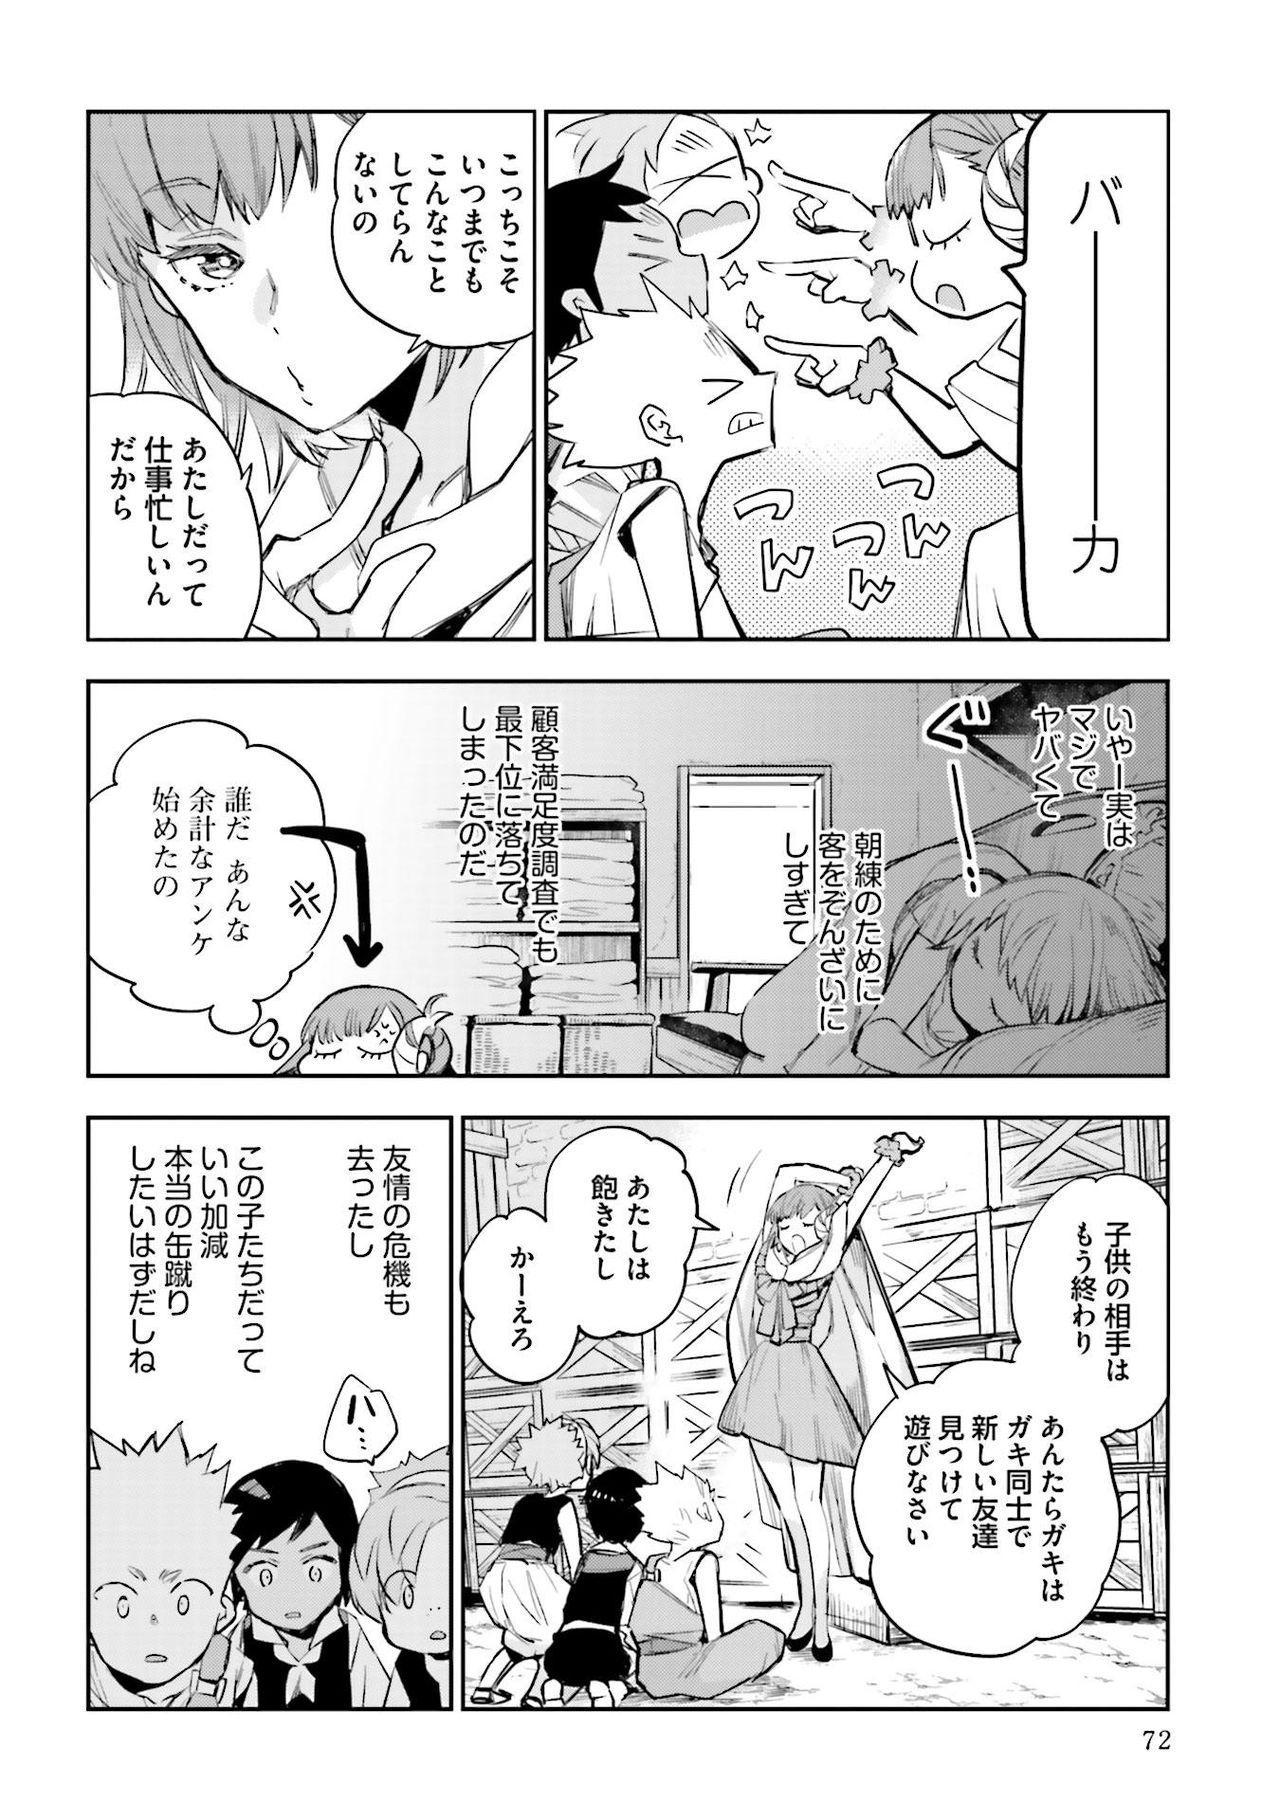 JK Haru wa Isekai de Shoufu ni Natta 1-14 431